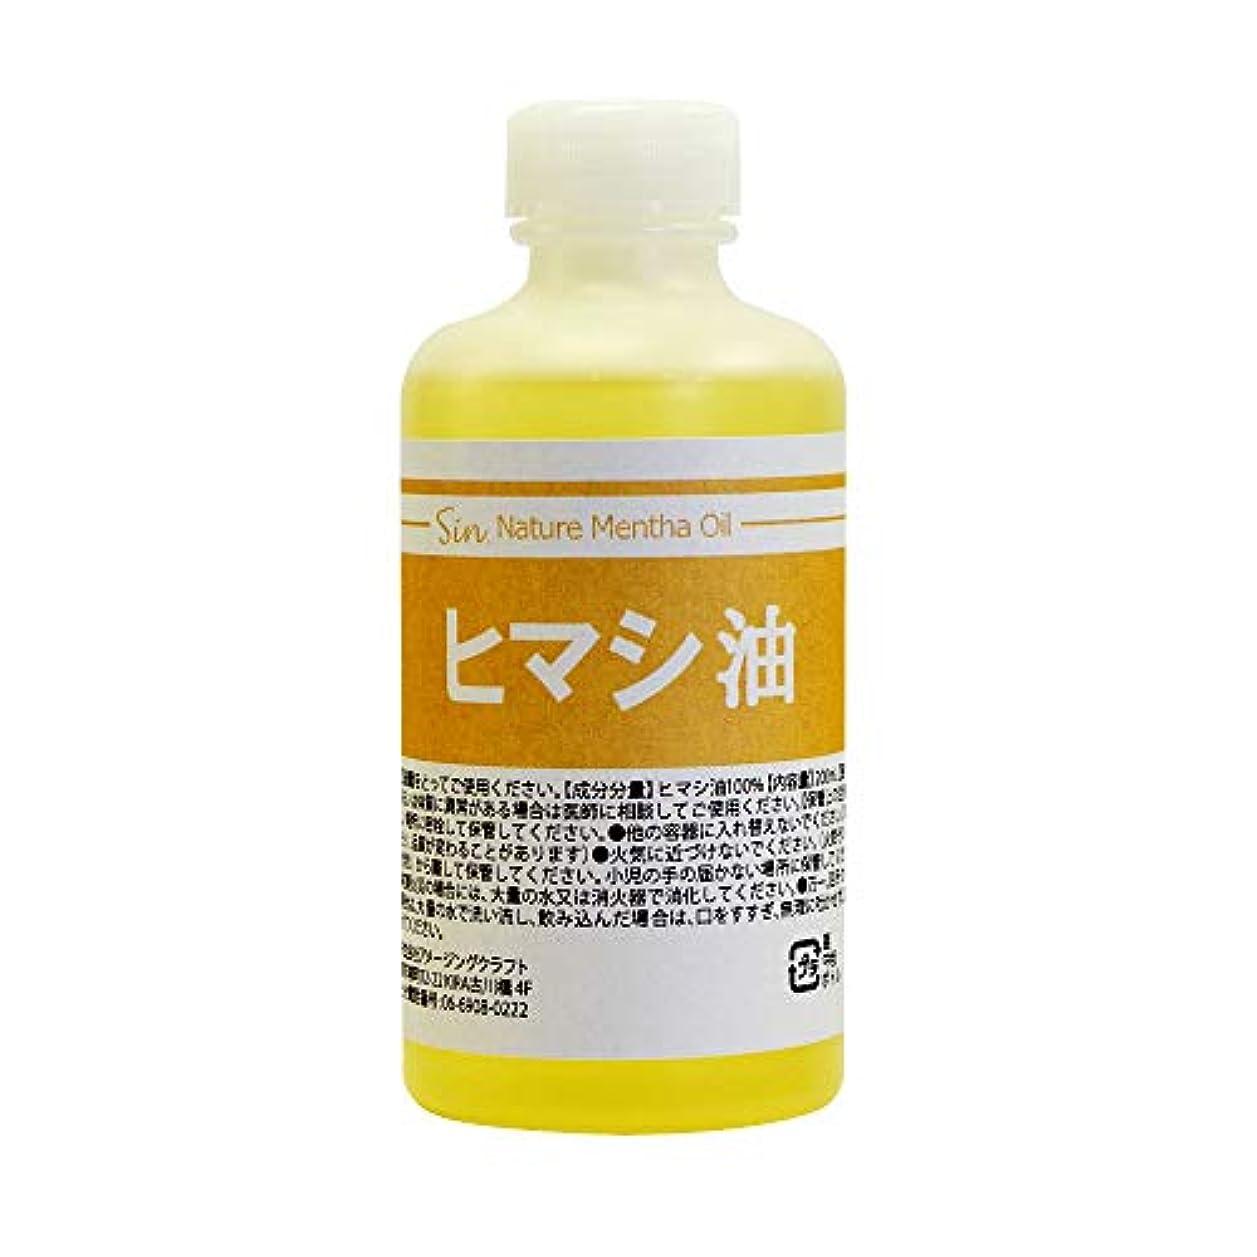 ペストリー伝導率食品天然無添加 国内精製ひまし油 (キャスターオイル) 200ml